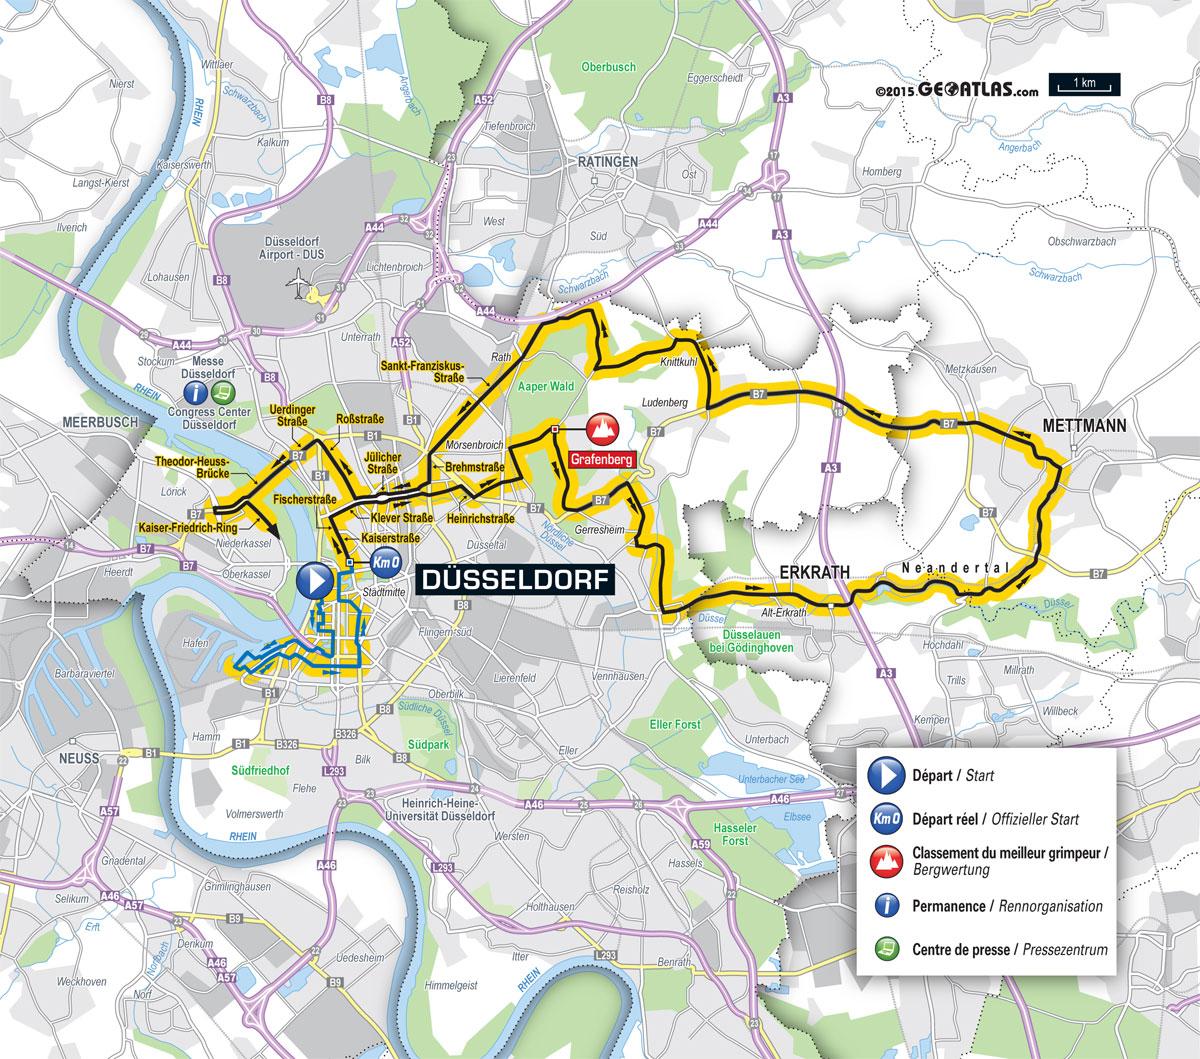 2.etappe tour de france 2019